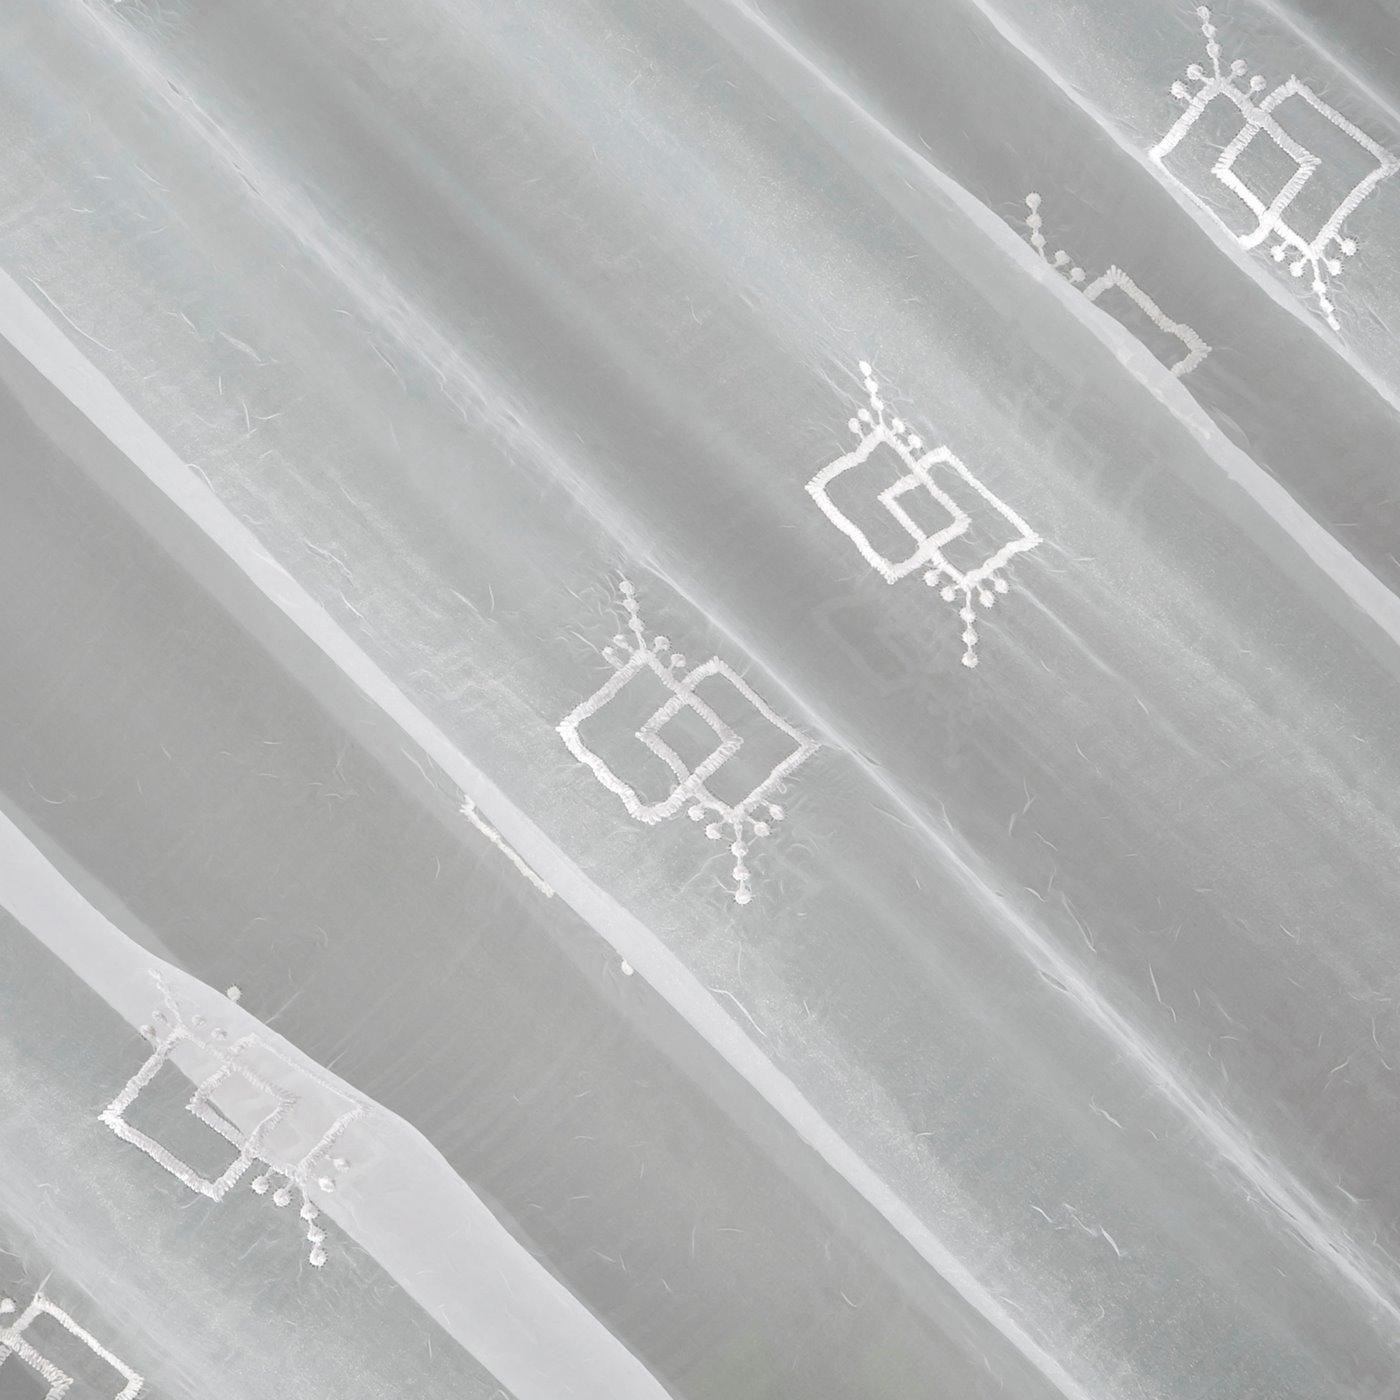 Firana haftowana z satynową listwą biała tunel 400x145cm